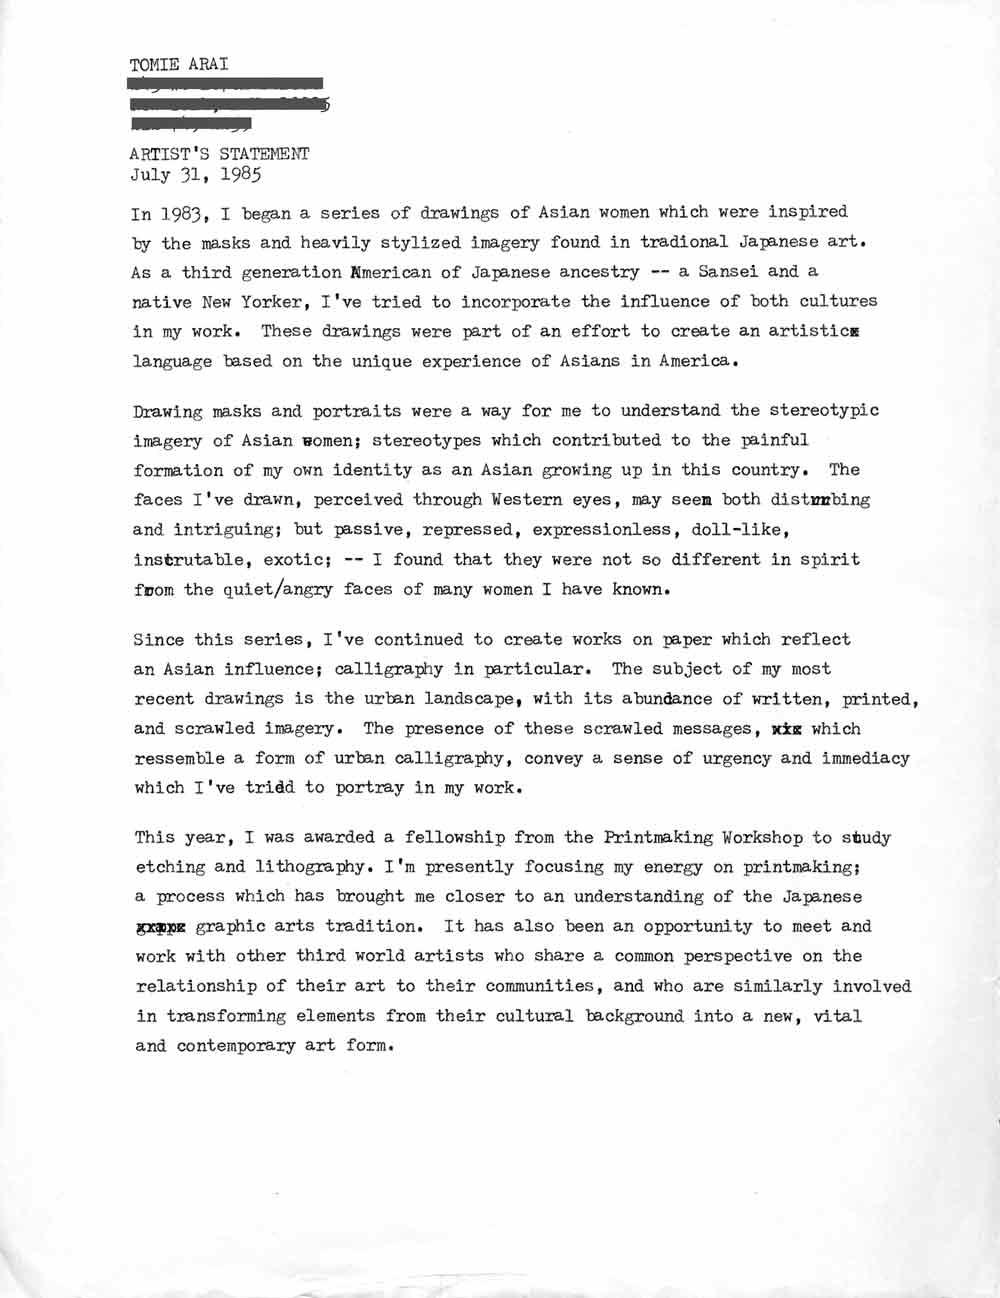 Tomie Arai's Artist Statement, 1